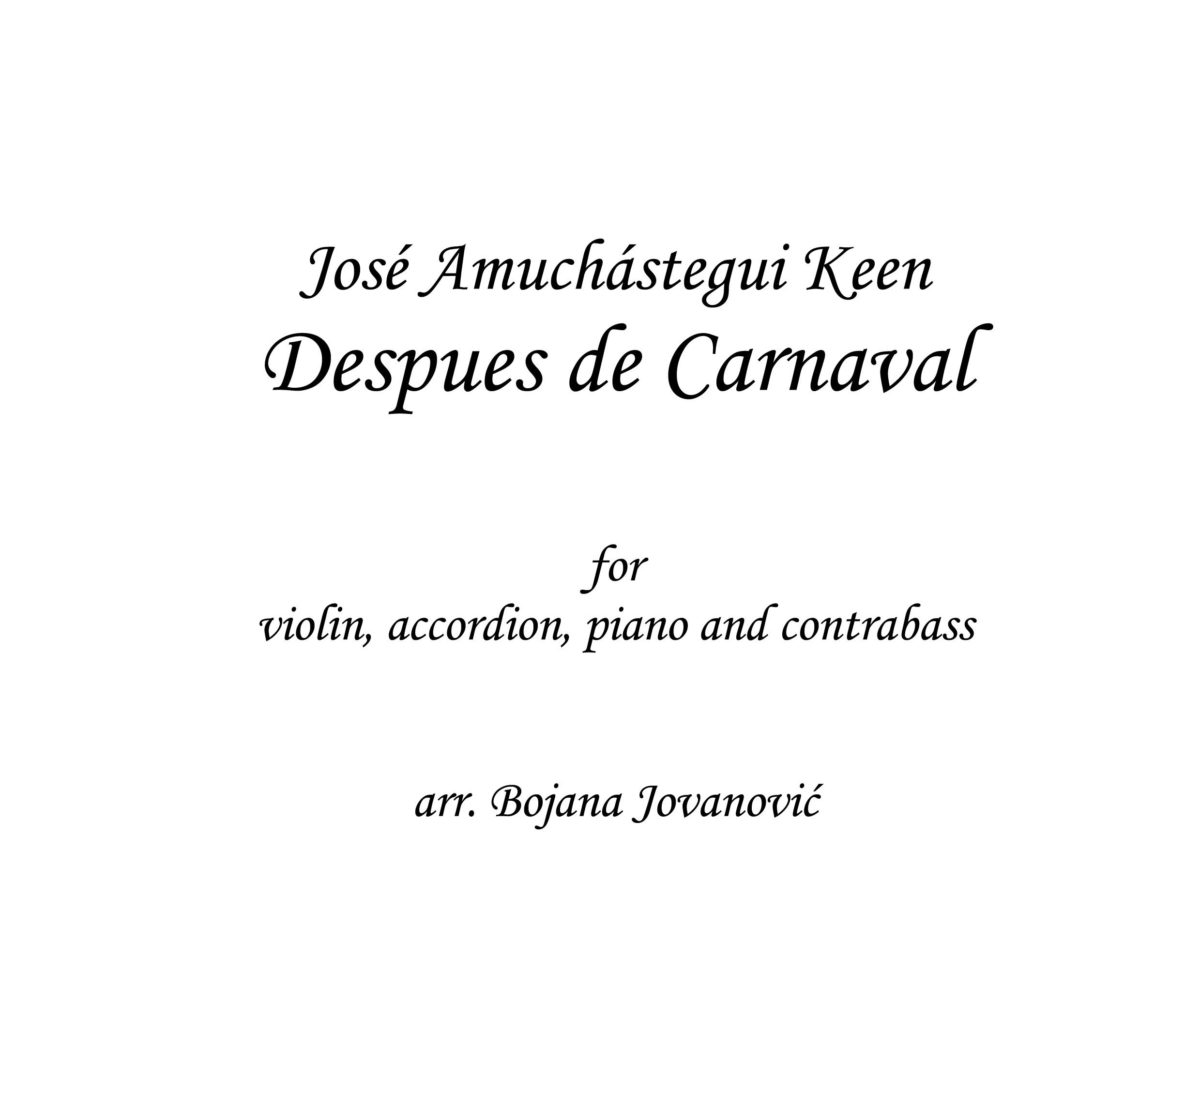 Despues de Carnaval (J.A.Keen) - Sheet Music